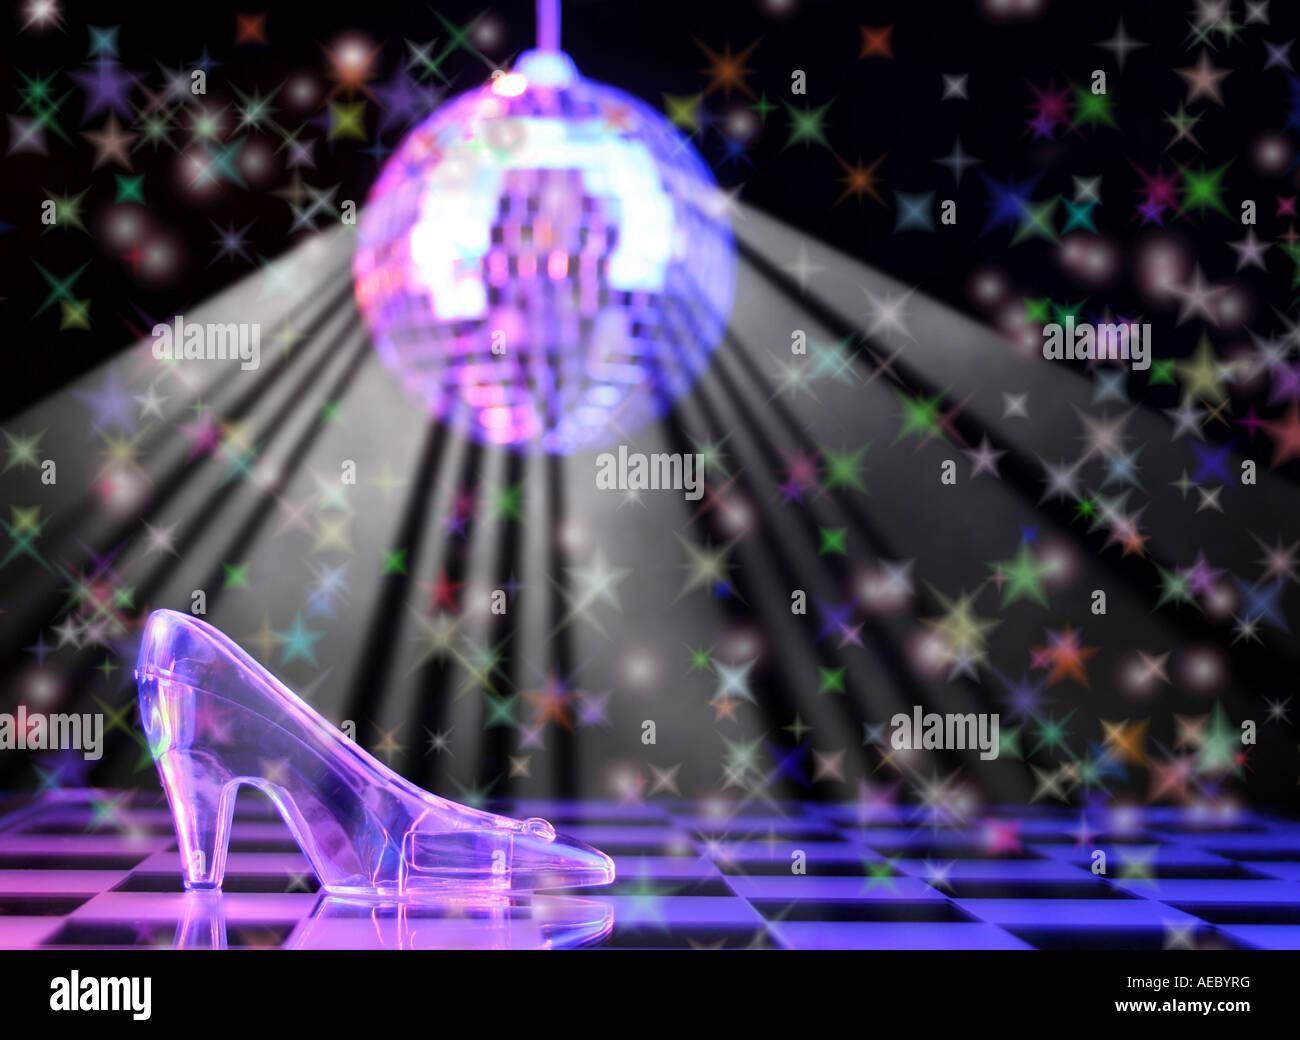 Pantofola in vetro con palla da discoteca in background DOF poco profondo Immagini Stock